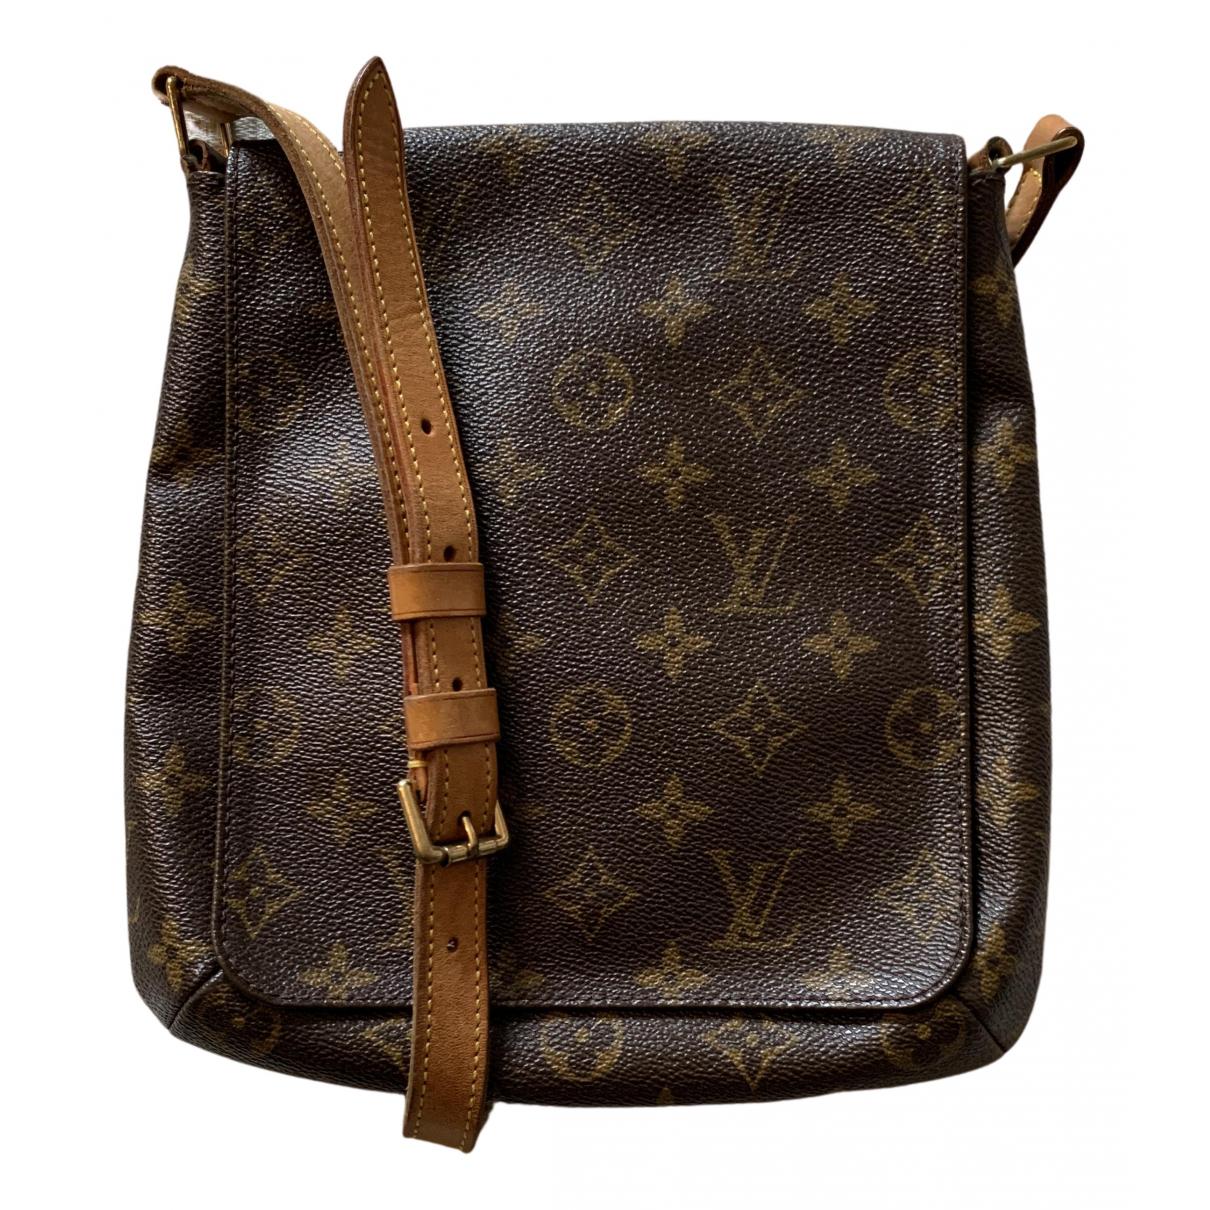 Louis Vuitton - Sac a main Musette pour femme en toile - marron